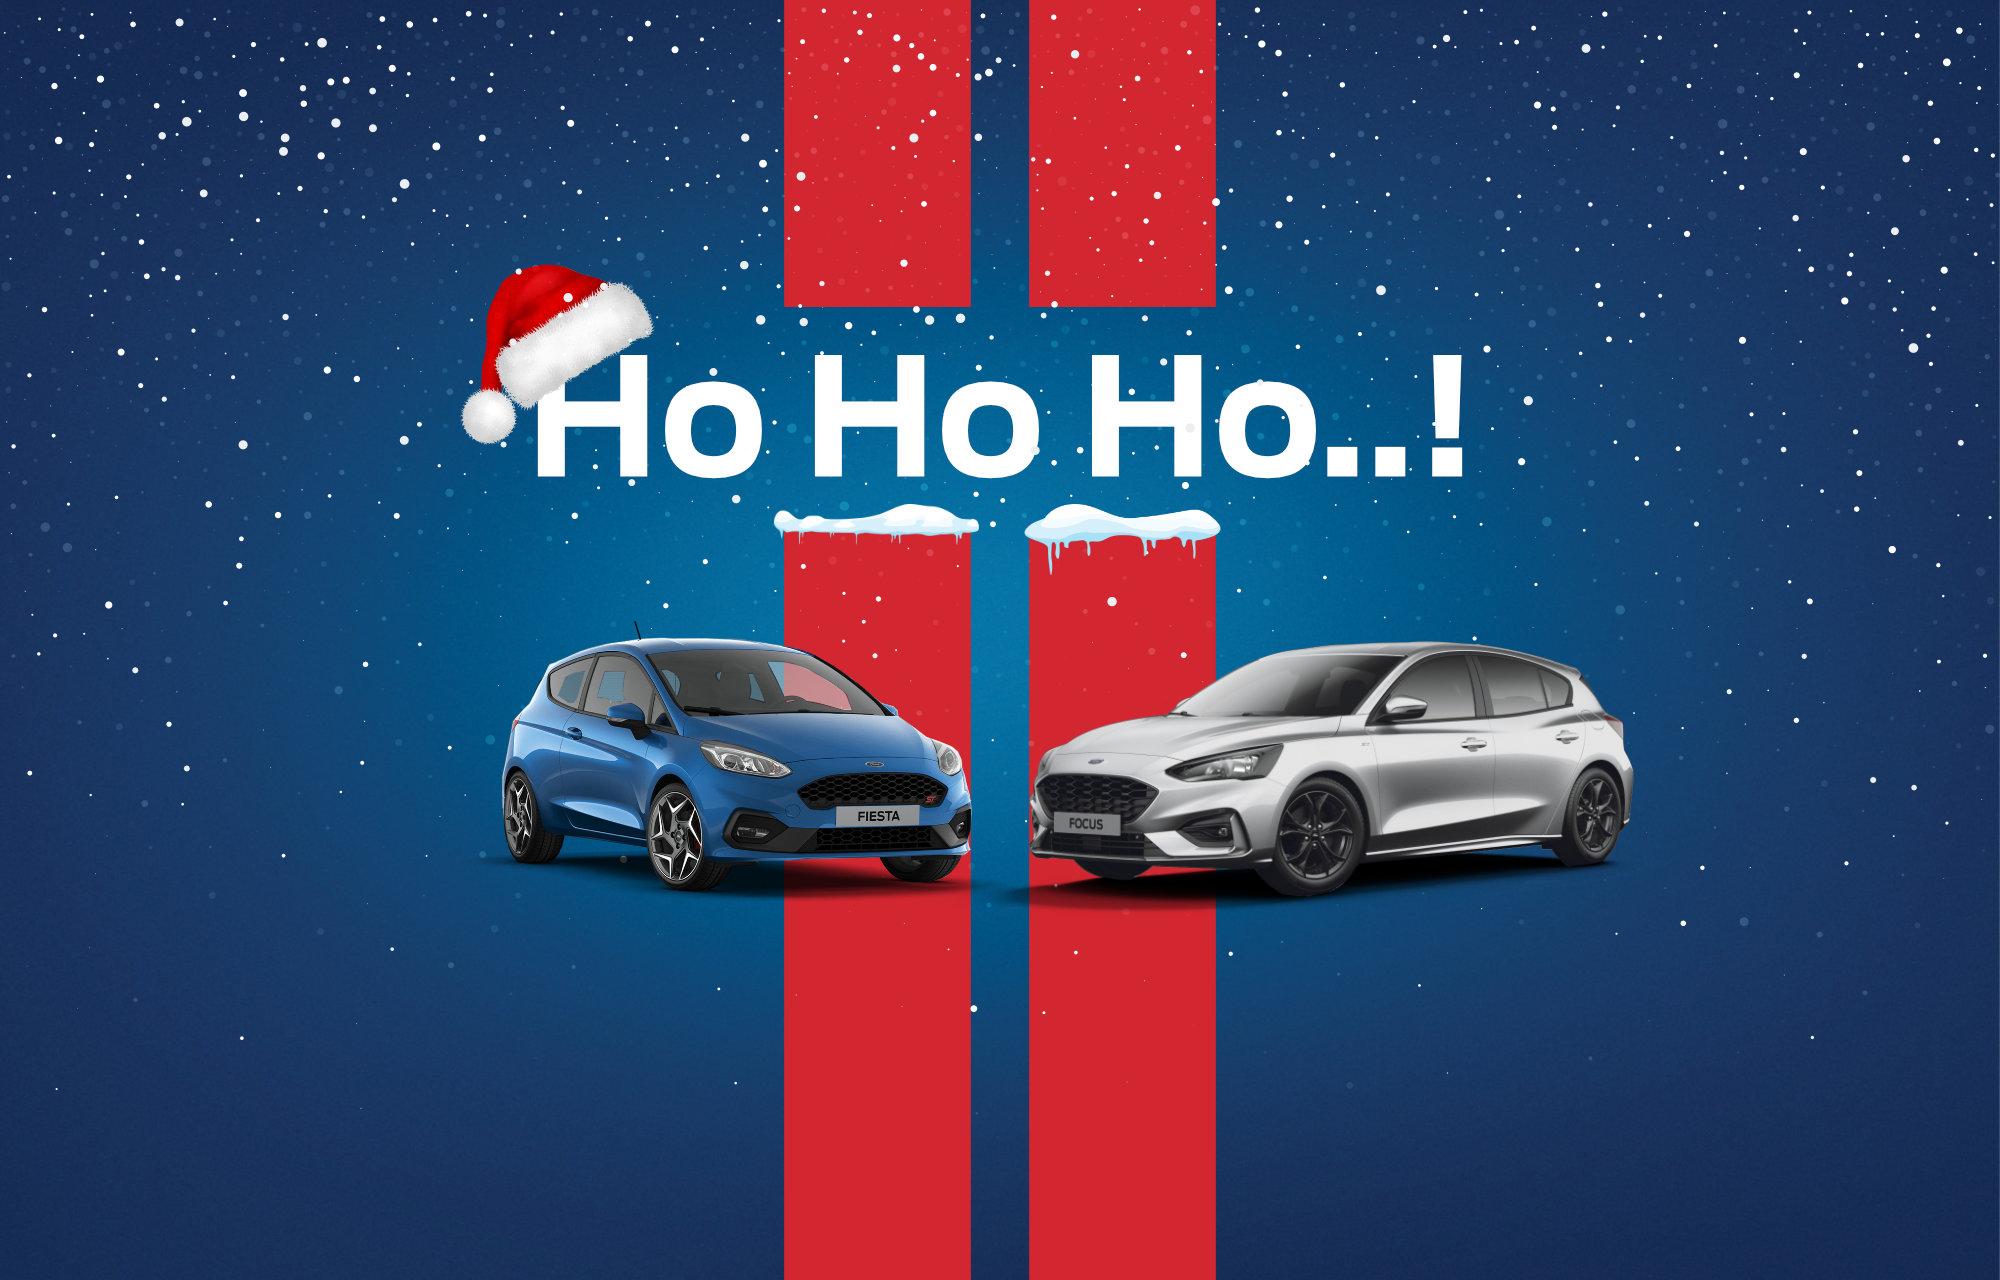 **Un très joyeux Noël et de belles fêtes de fin d'années à tous !**